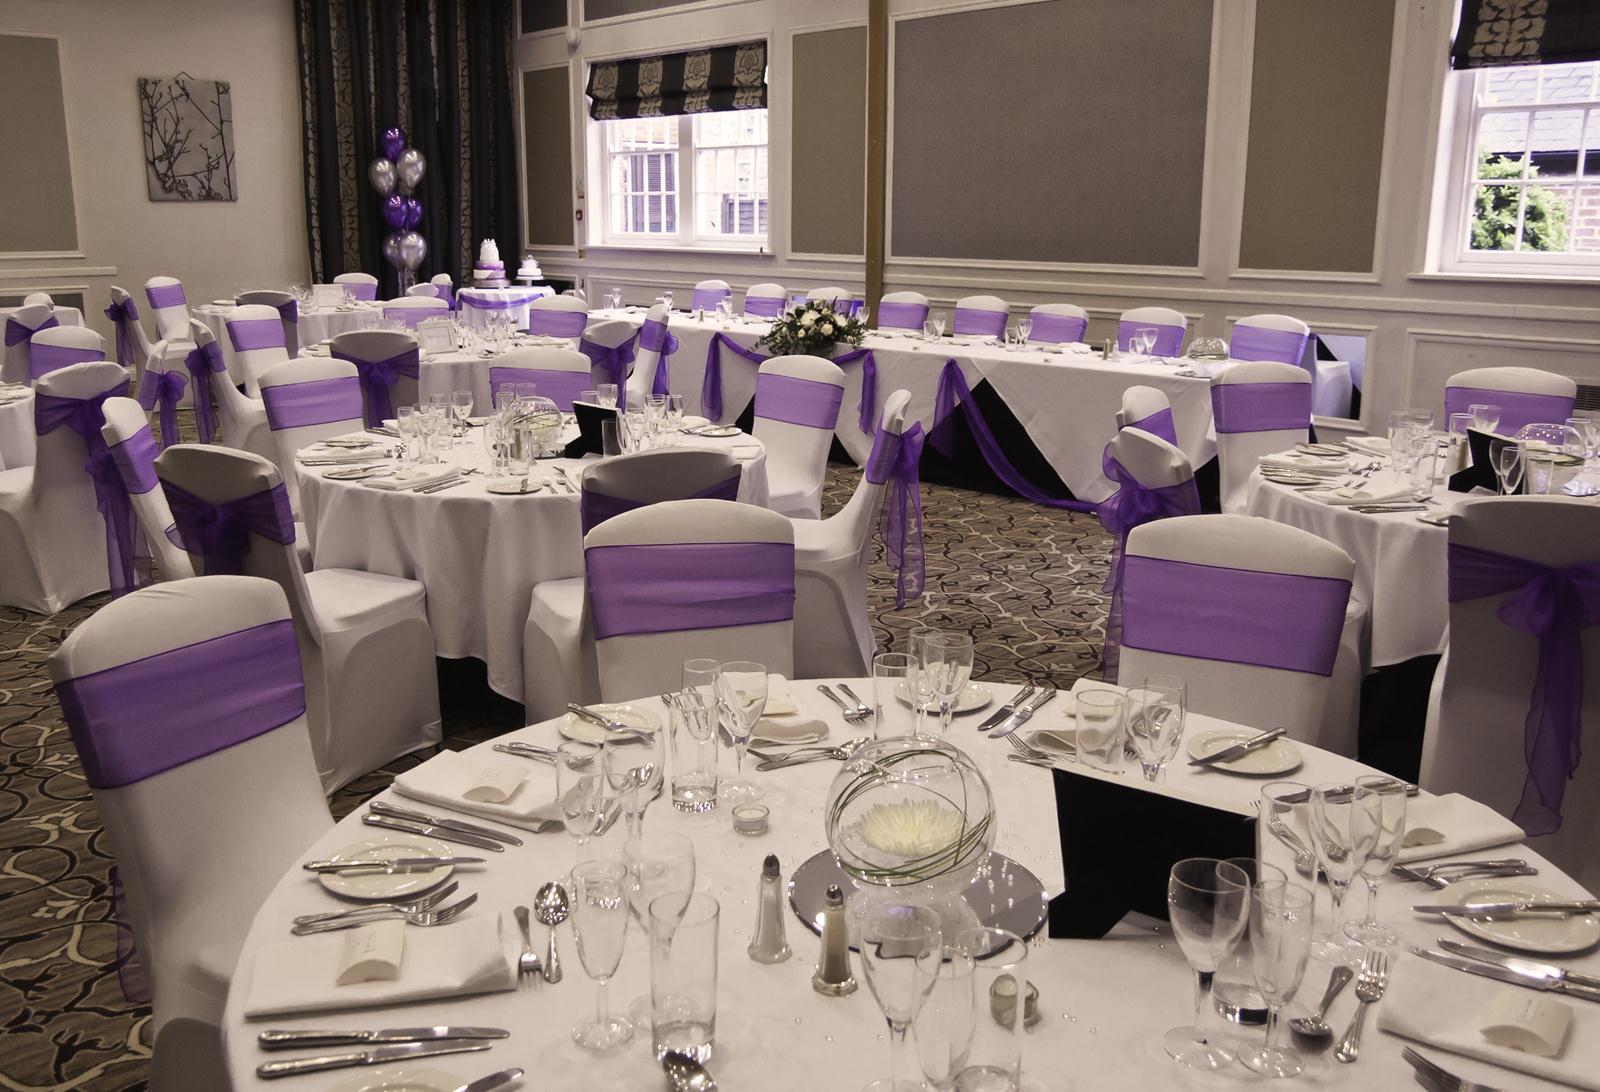 Fothergill wedding set up.jpg